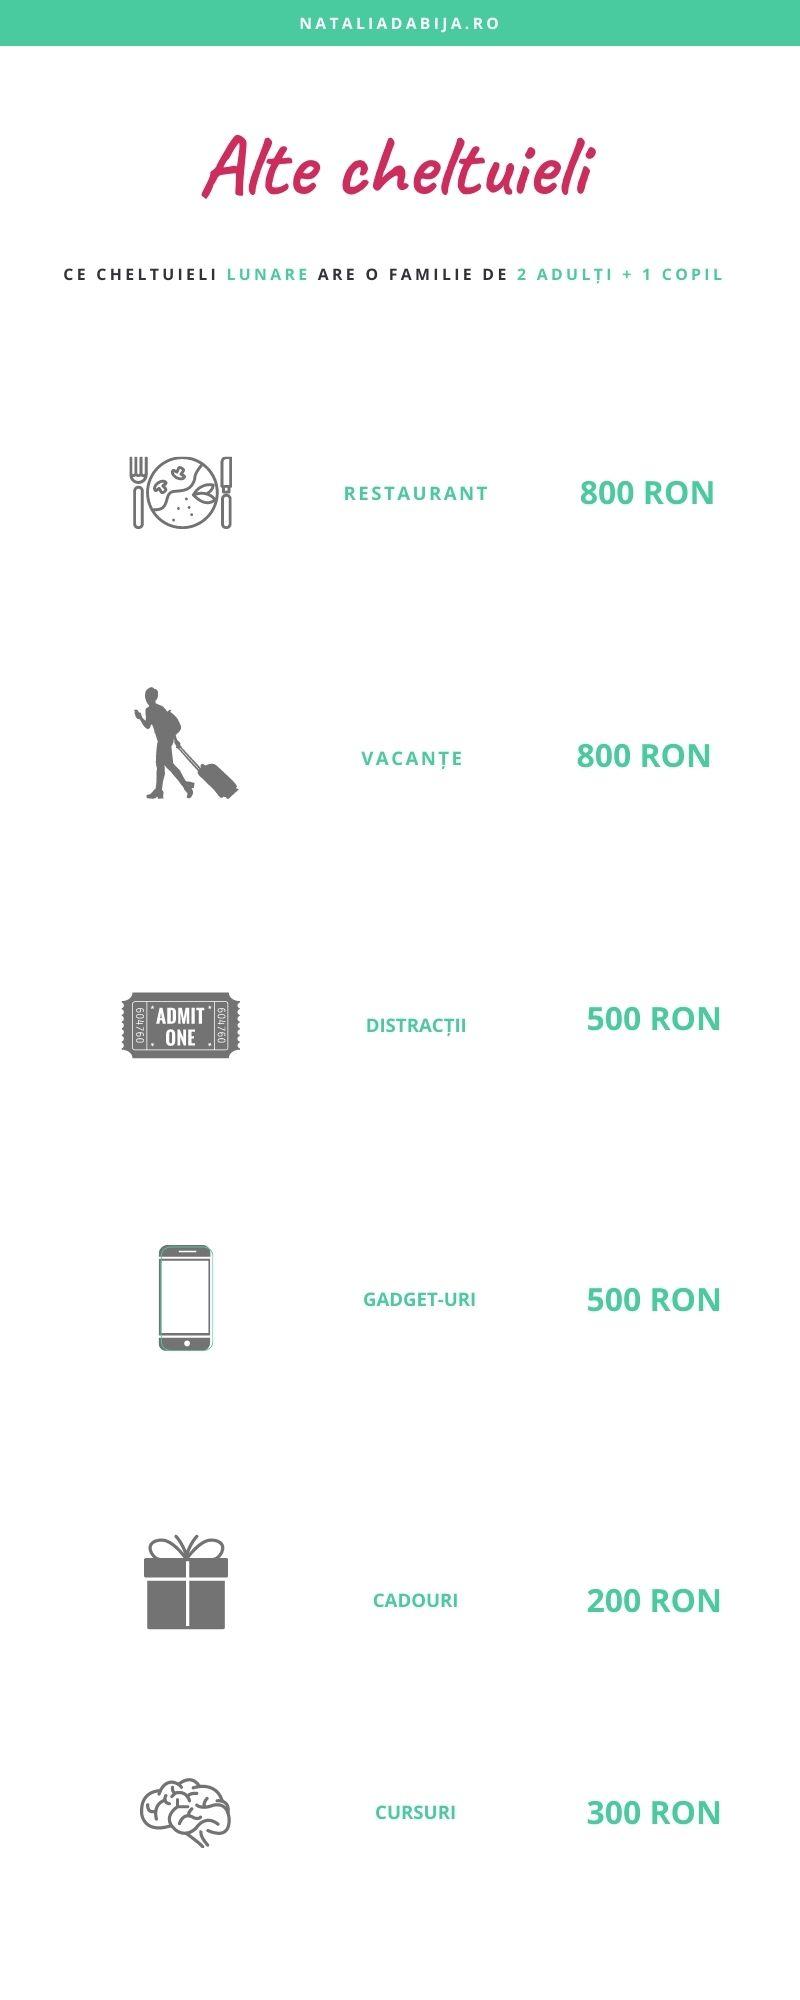 Ce alte cheltuieli are o familie de 2 adulți și 1 copil: restaurant - 800 ron, vacante 800 distractii 500, gadget-uri - 500 ron, cadouri 200 ron, cursuri și dezvoltare pesronala - 300 Ron